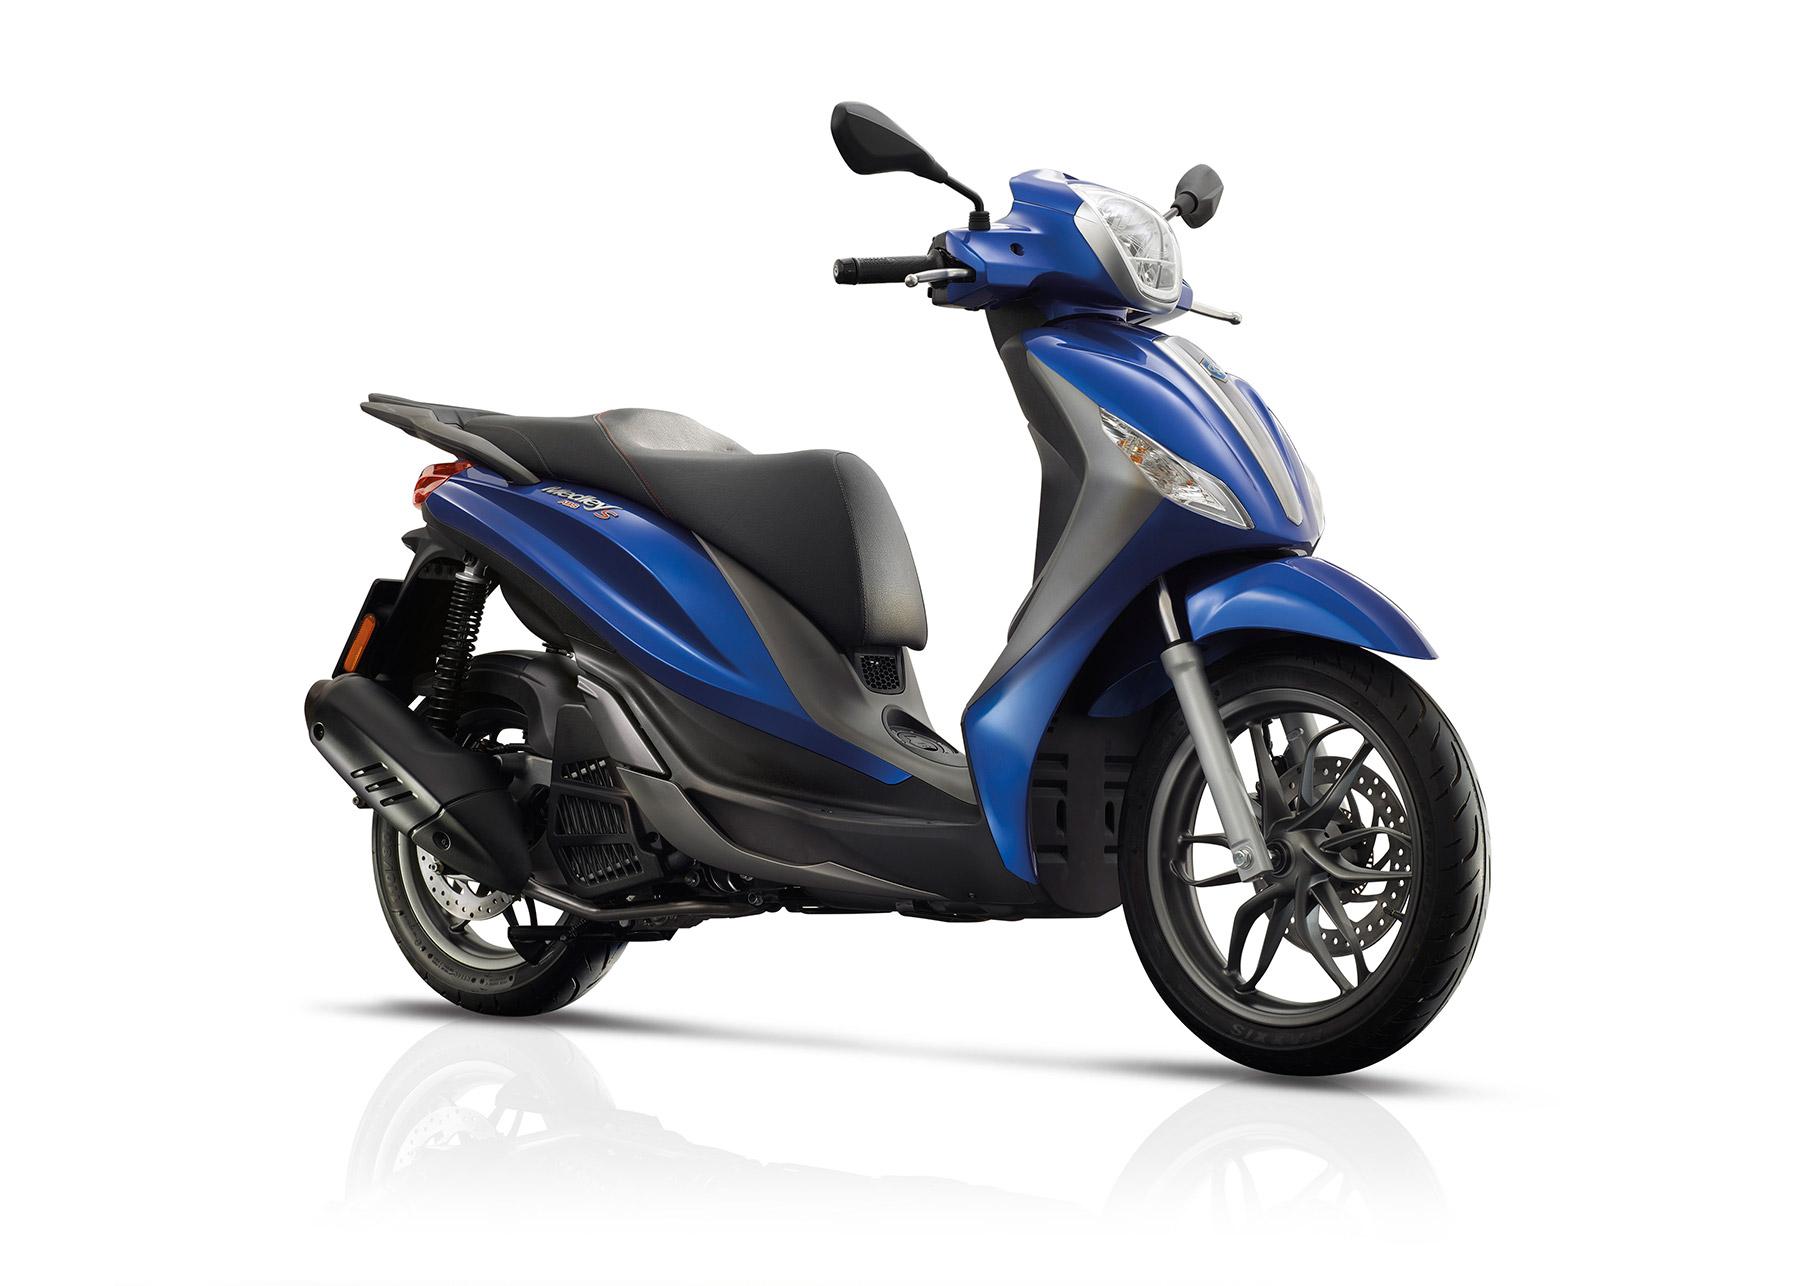 Piaggio Medley ABS Alquiler de motos y scooters en Lanzarote (España - Canarias)